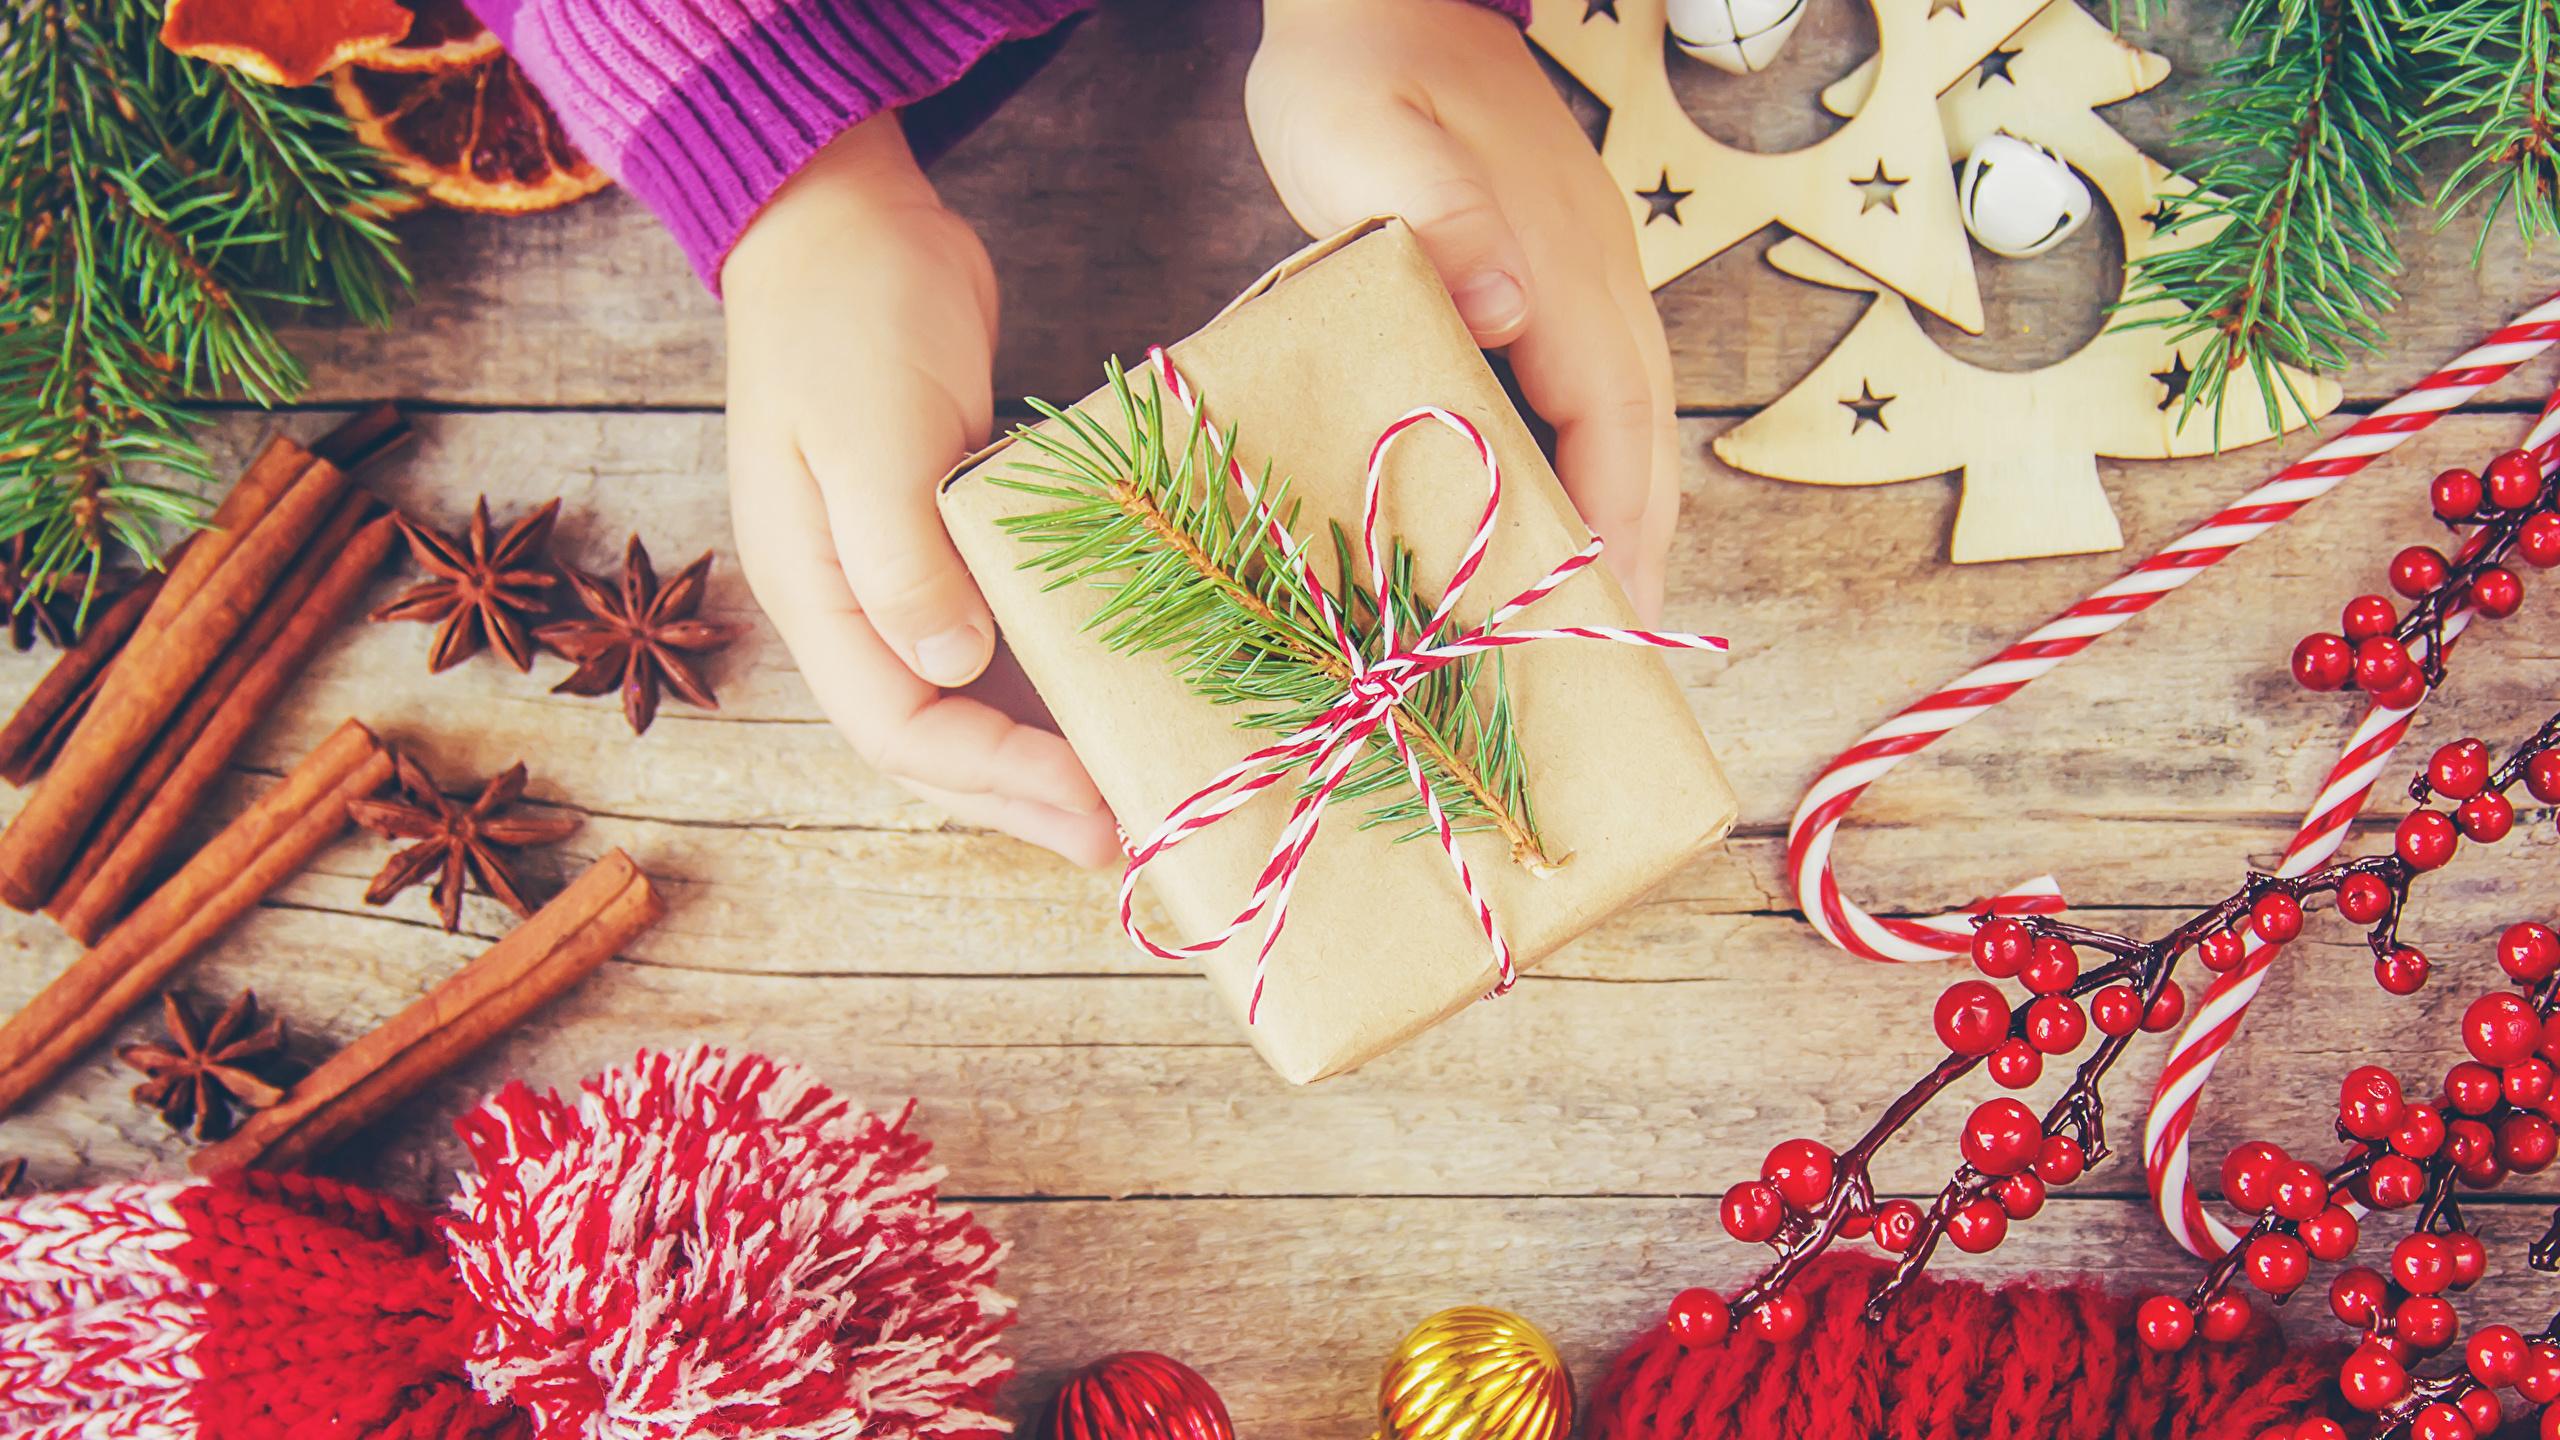 Фотографии Рождество Бадьян звезда аниса Корица Подарки Руки Ягоды сладкая еда Доски 2560x1440 Новый год подарок подарков рука Сладости